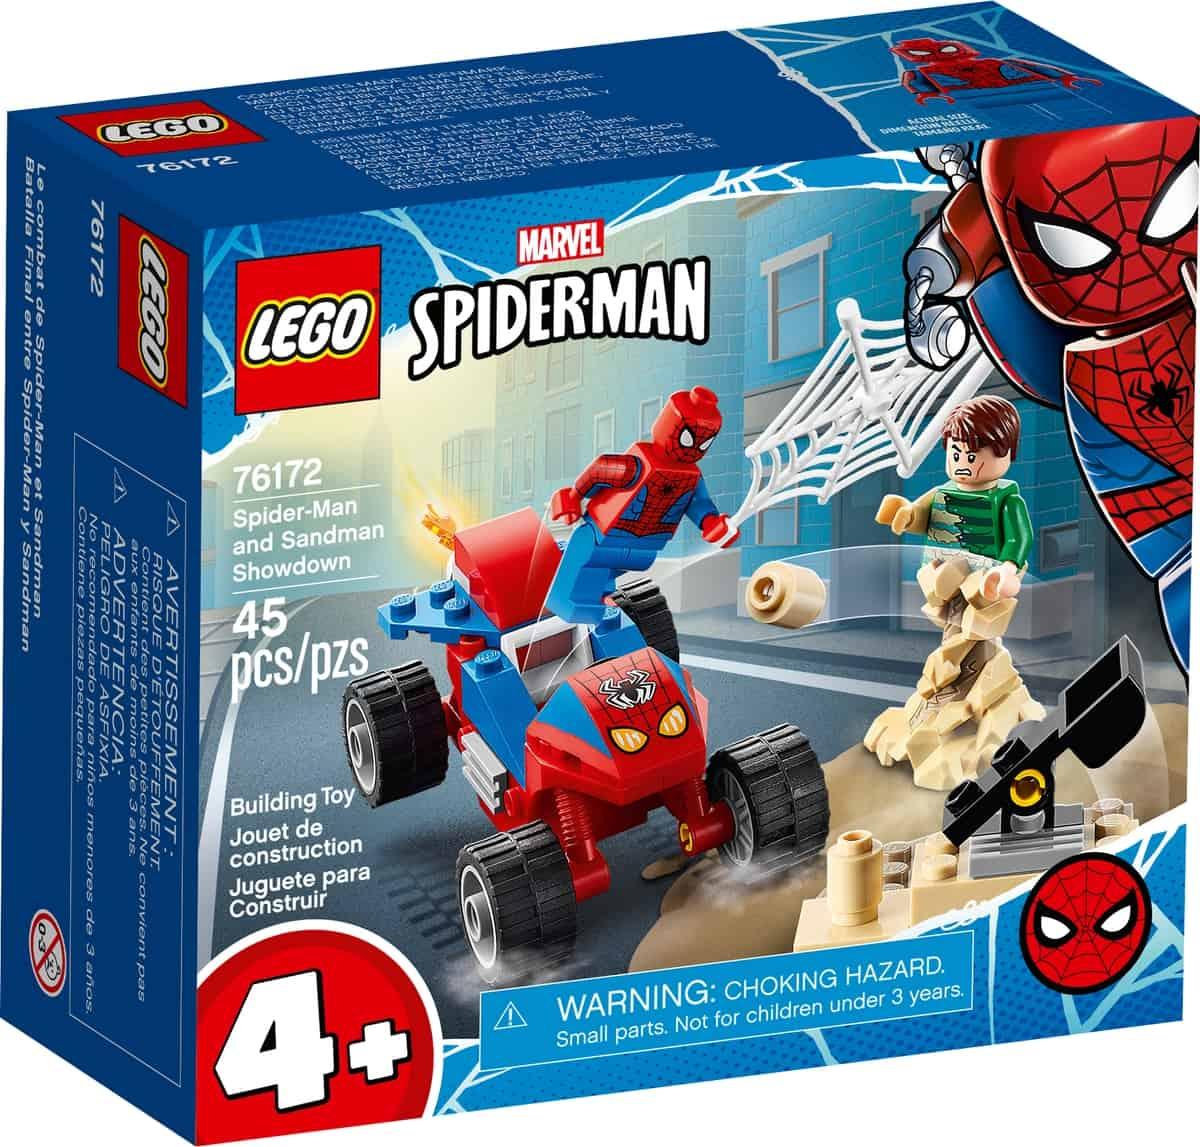 lego 76172 das duell von spider man und sandman